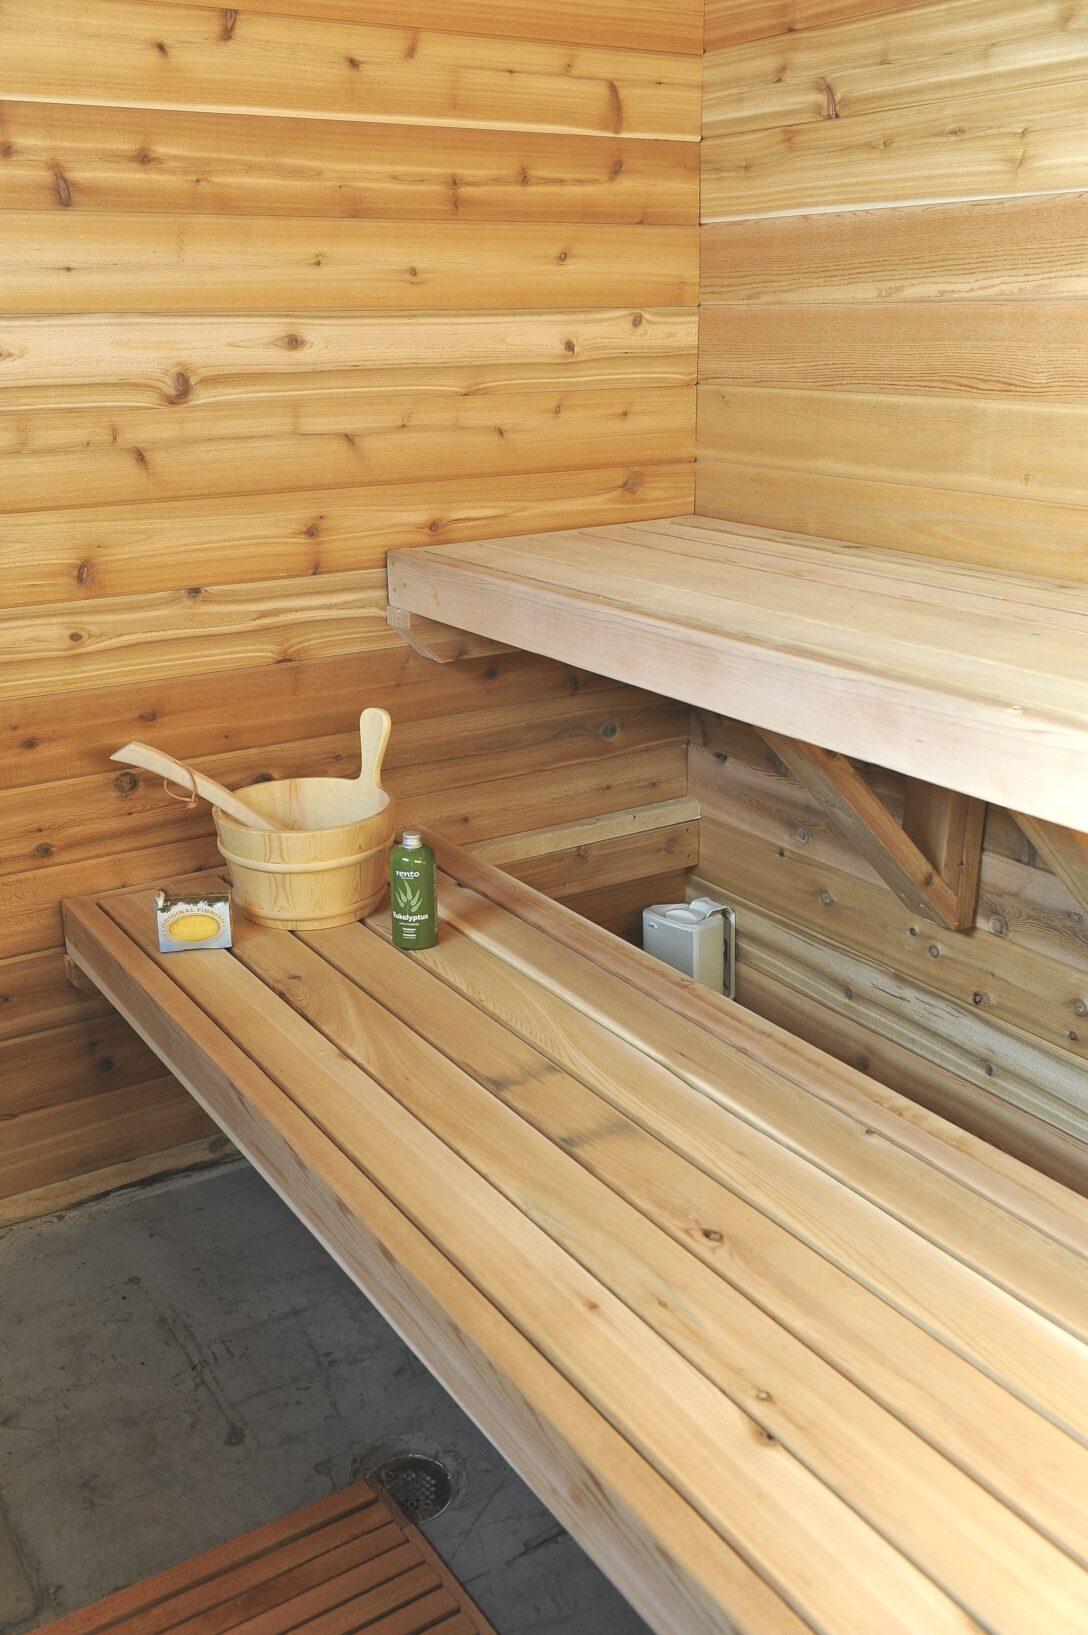 Large Size of Außensauna Wandaufbau 78 Besten Bilder Von Sauna Konstruktion Wohnzimmer Außensauna Wandaufbau